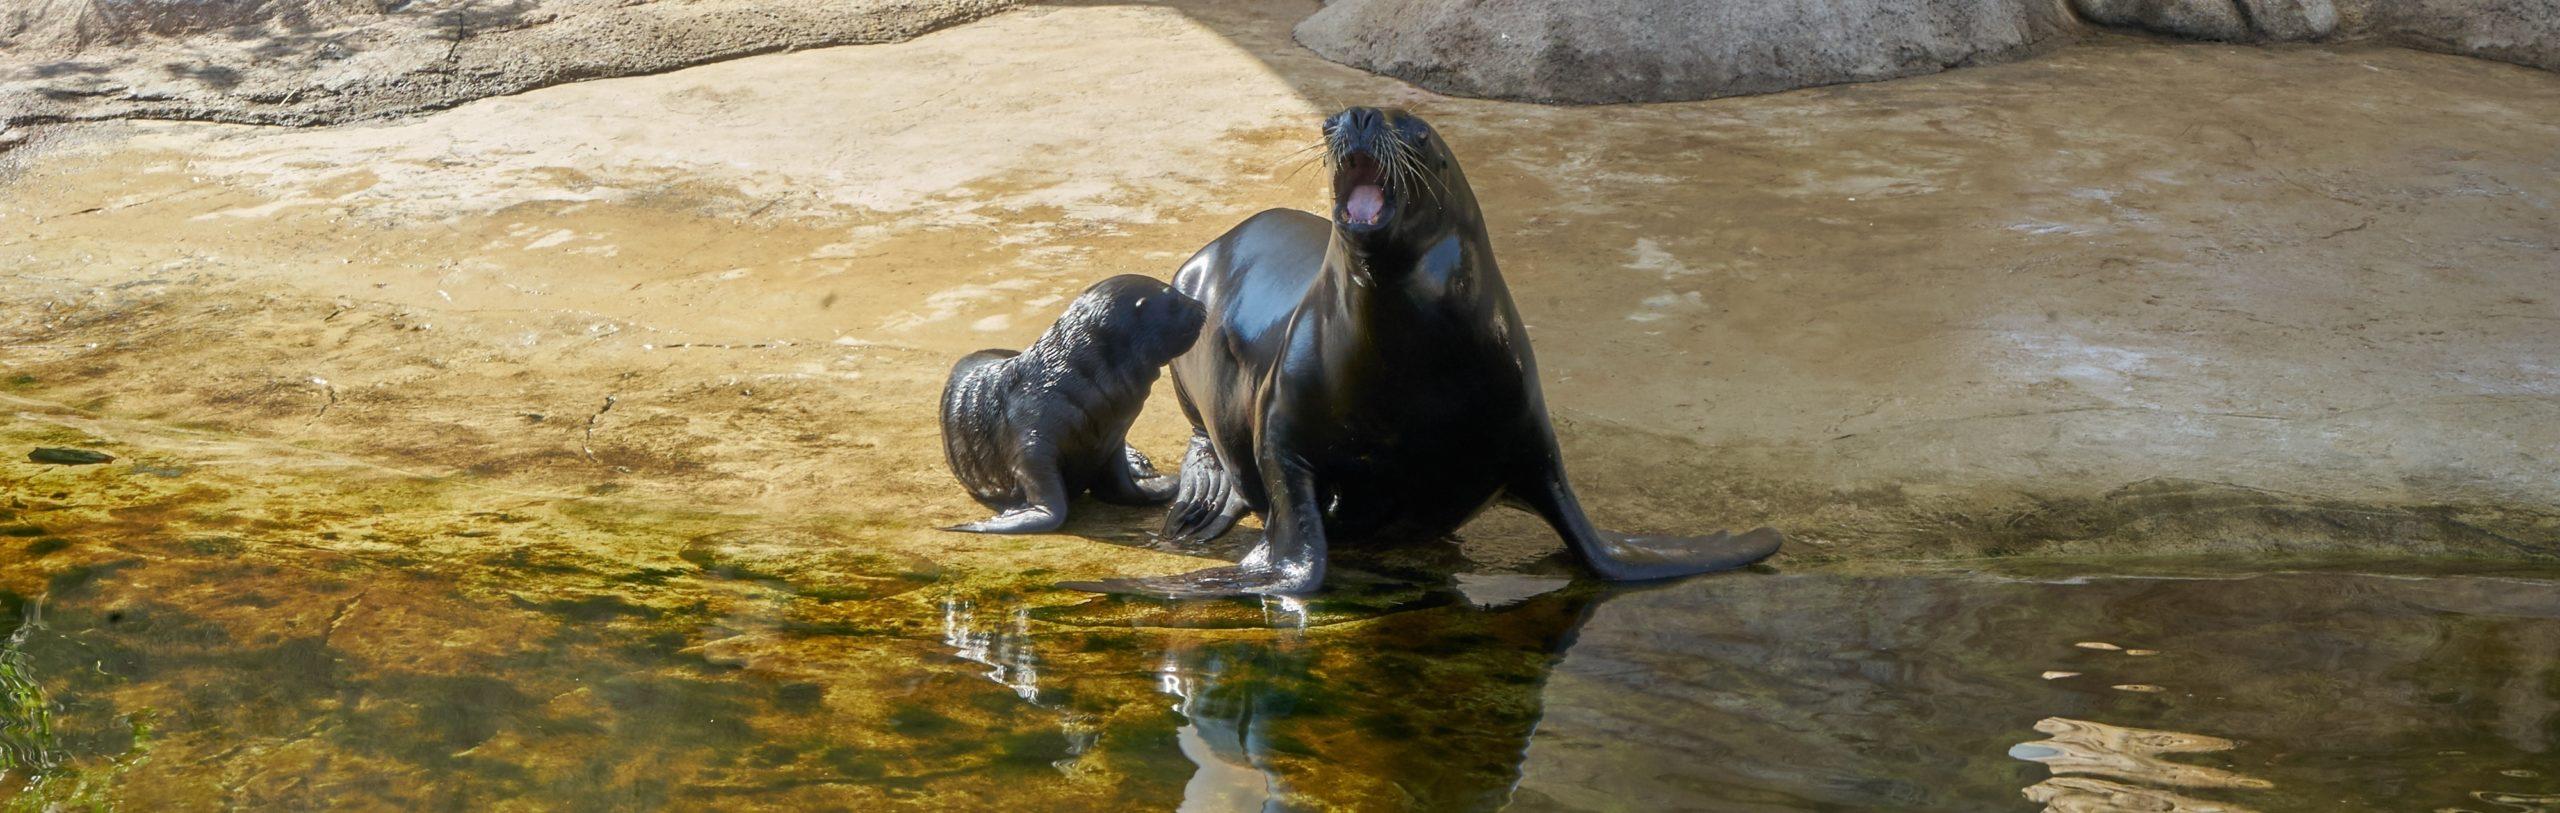 El Oceanogràfic presenta a Aslan, una cría de león marino